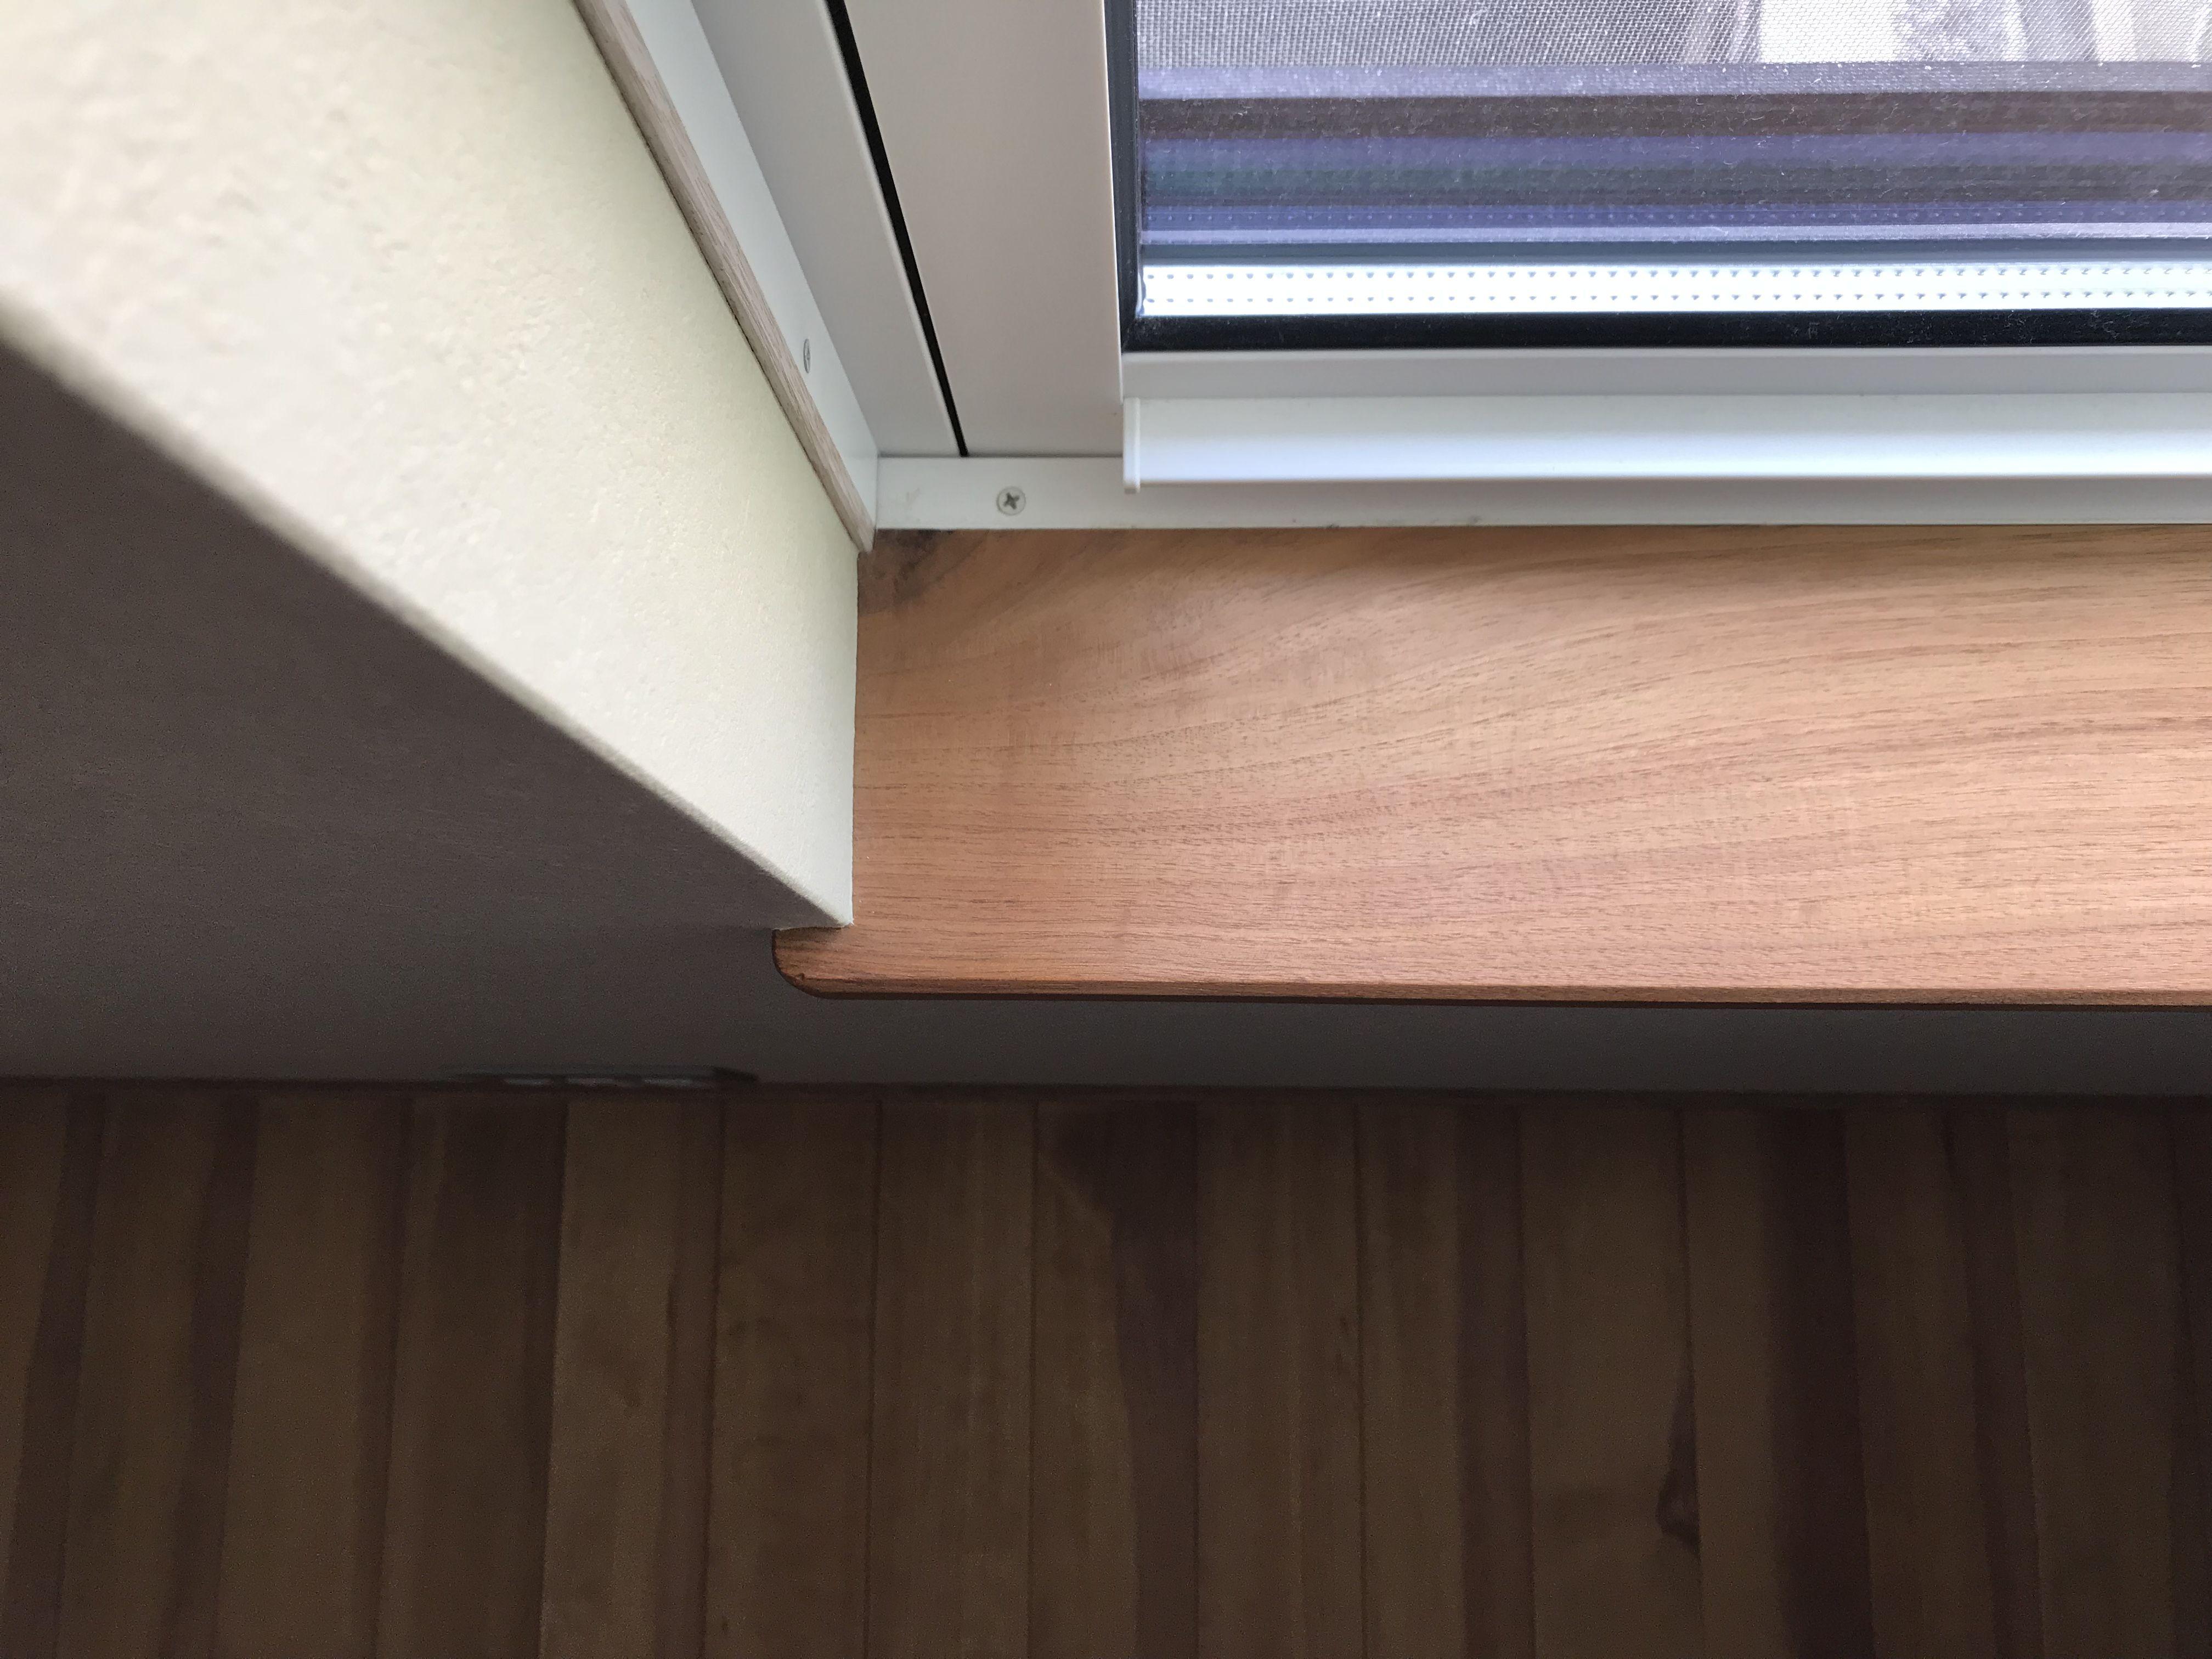 窓枠のクロス巻き込み仕上げと四方枠を上手に使い分け 窓枠